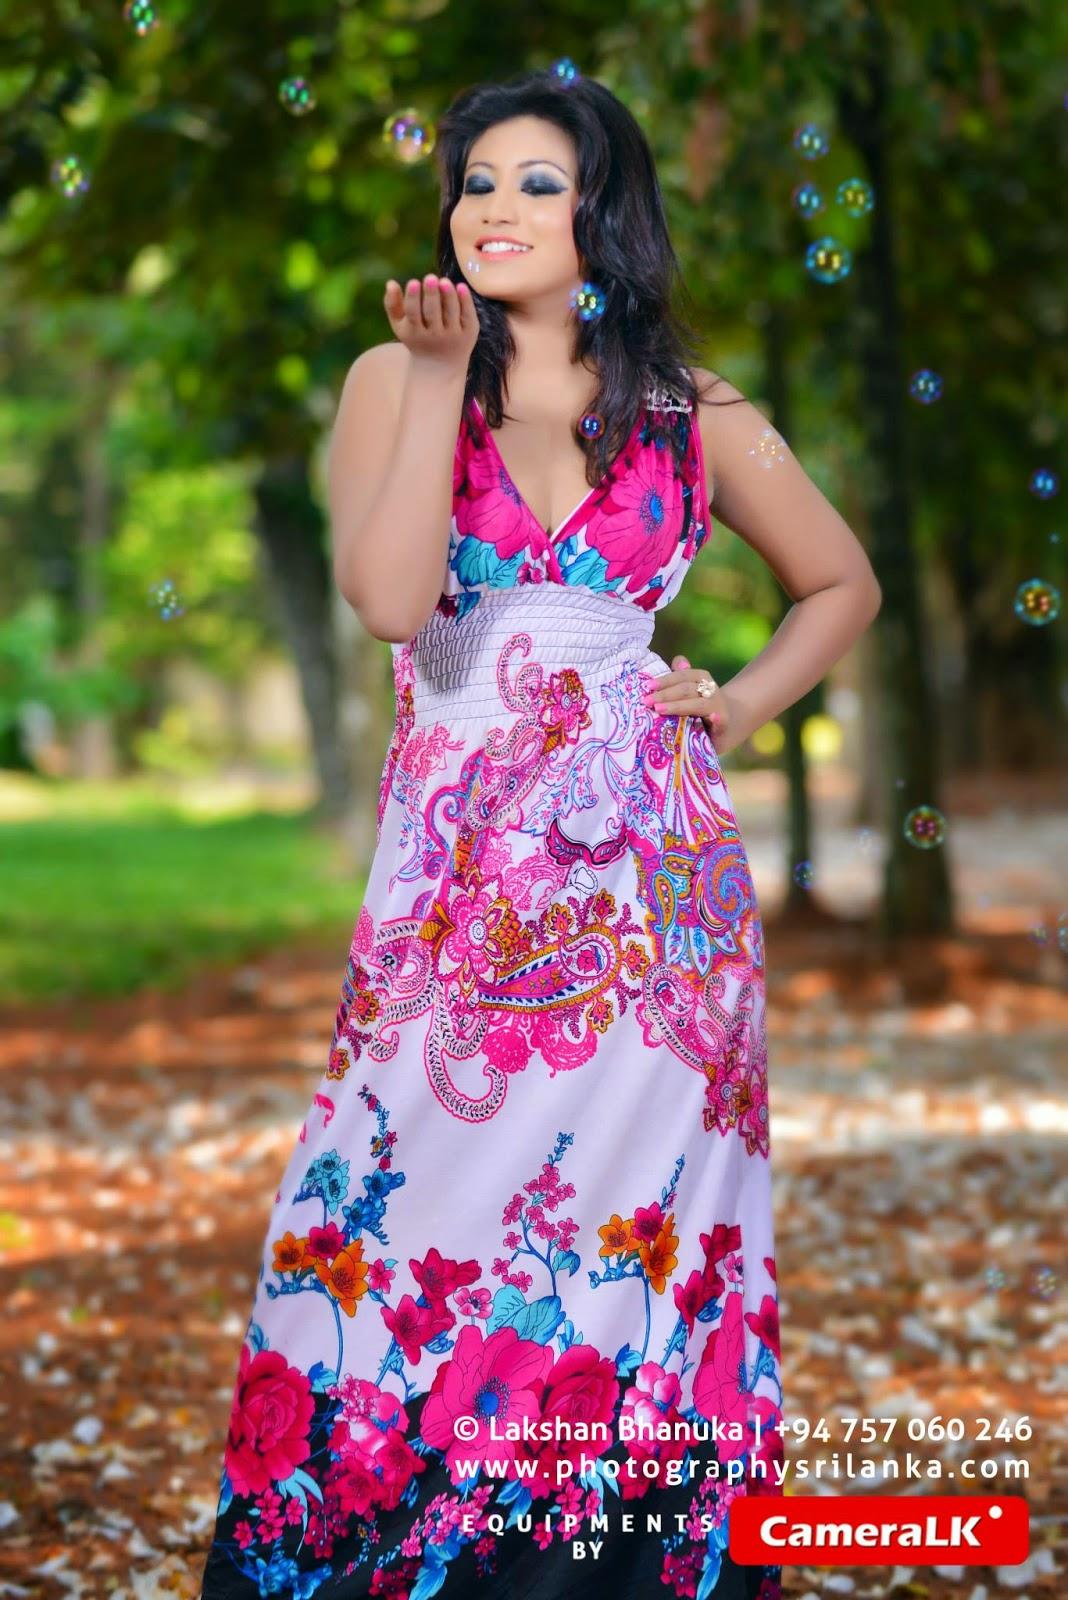 Pawani Madushani Portfolio